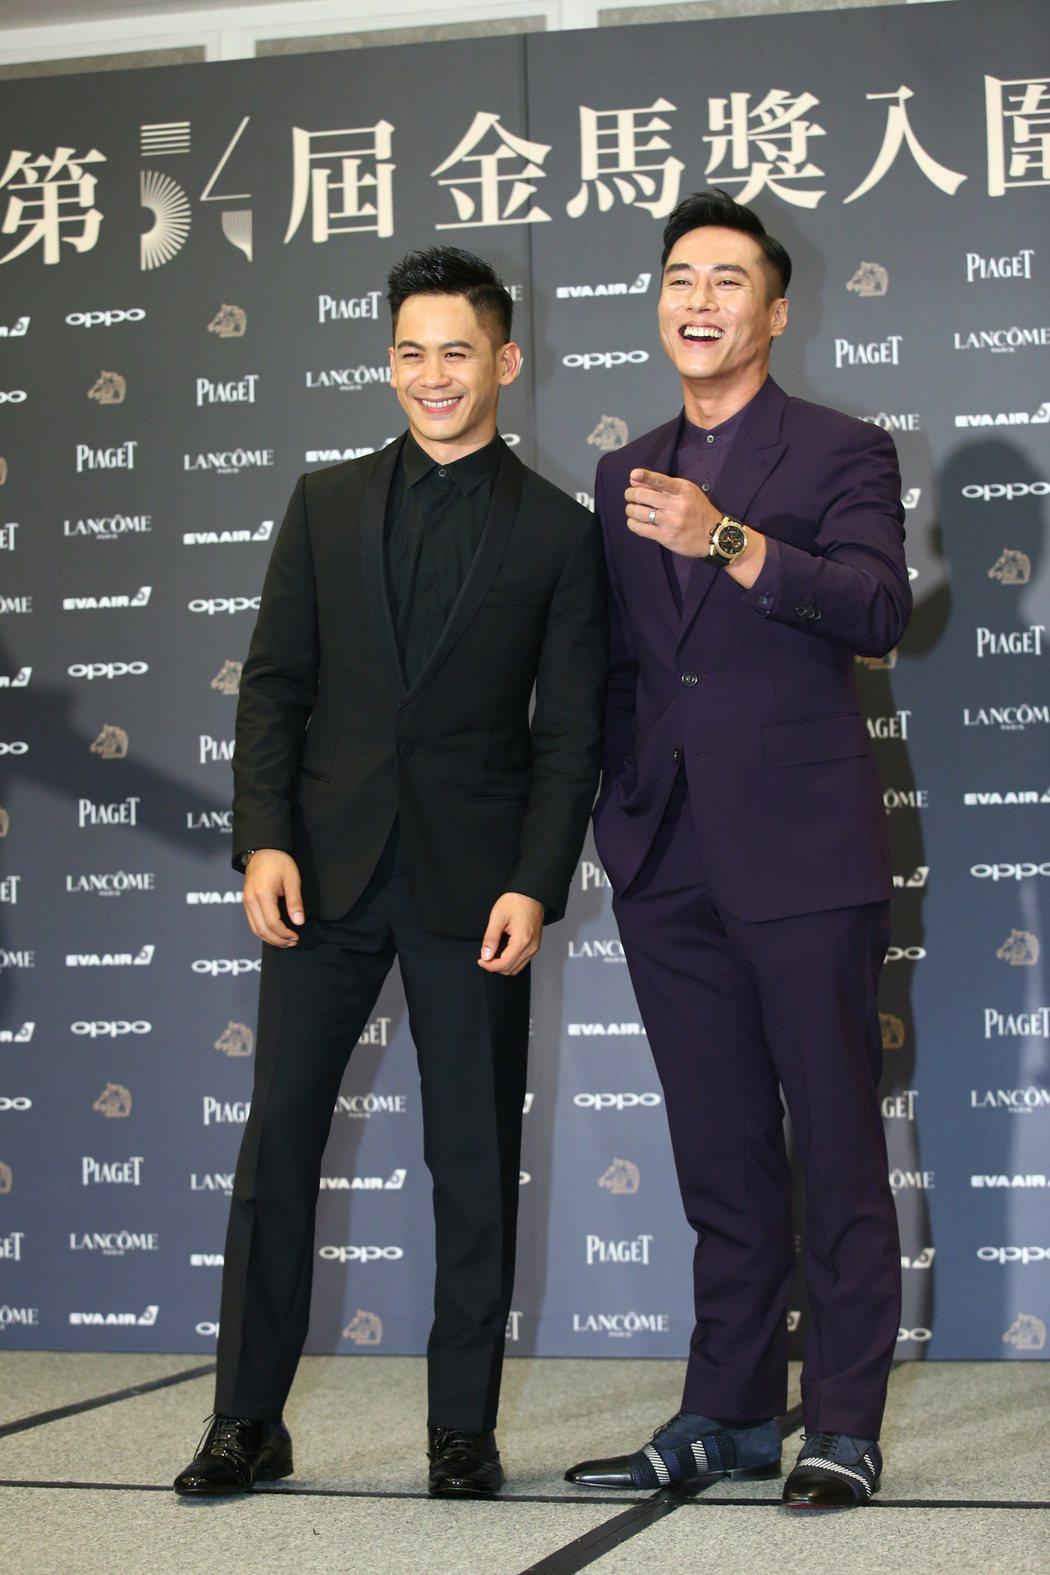 入圍金馬獎最佳男主角獎的莊凱勛(右)、入圍男配角獎的李淳(左)出席入圍酒會。記者